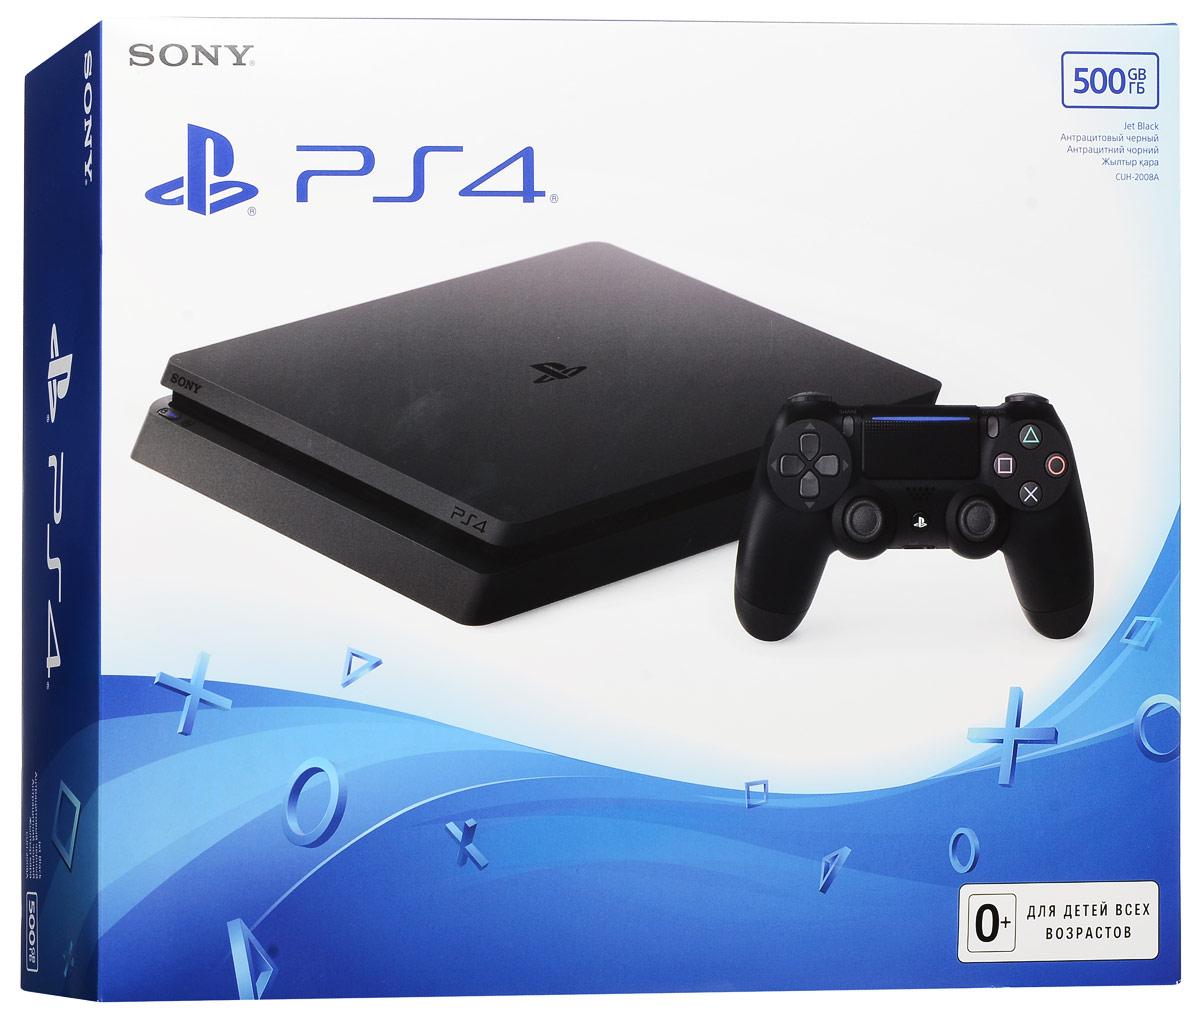 Игровая приставка Sony PlayStation 4 Slim (500 GB), Black (CUH-2008A)1CSC20002461Внутренняя архитектура для новой версии PS4 была полностью пересмотрена, в результате чего объем консоли уменьшился более чем на 30%, а вес - на 25% и 16%. Также новая версия PS4 более энергоэффективна, так как потребление энергии было снижено на 34% и 28% в сравнении с предыдущими моделями консоли.Новая версия PS4 унаследовала скошенный дизайн предыдущих версий. Фронтальная и тыльная части корпуса расположены под углом. Вершины корпуса срезаны и закруглены, создавая более легкий дизайн, импонирующий большинству аудитории. Новый простой дизайн с глянцевым логотипом PS в центре верхней грани консоли будет прекрасно смотреться вне зависимости от того, как вы разместите корпус.Заглядывая в будущее технологий визуализации, все консоли PS4, включая данную модель, будут поддерживать HDR (High Dynamic Range), что позволит воспроизводить светлые и темные сцены с помощью гораздо большего количества цветов. Владельцы телевизоров, поддерживающих HDR, смогут насладиться играми и другим развлекательным контентом с более реалистичным и живым изображением. В преддверии трехлетнего юбилея портфолио игр для PS4 стало еще привлекательнее и при этом продолжает пополняться наиболее ожидаемыми играми от сторонних разработчиков и издателей.Процессор: x86-64 AMD Jaguar, 8 ядерВидеочип: 1.84 TFLOPS, графическое ядро AMD RadeonПамять: GDDR5, 8 ГБПривод BD/ DVDРазъемы: USB 3.1x2, aux, RJ-45, HDMIСетевые возможности: Ethernet (10BASE-T, 100BASE-TX, 1000BASE-T), IEEE 802.11 a/b/g/n/ac, Bluetooth v4.0Энергопотребление: 165 Вт